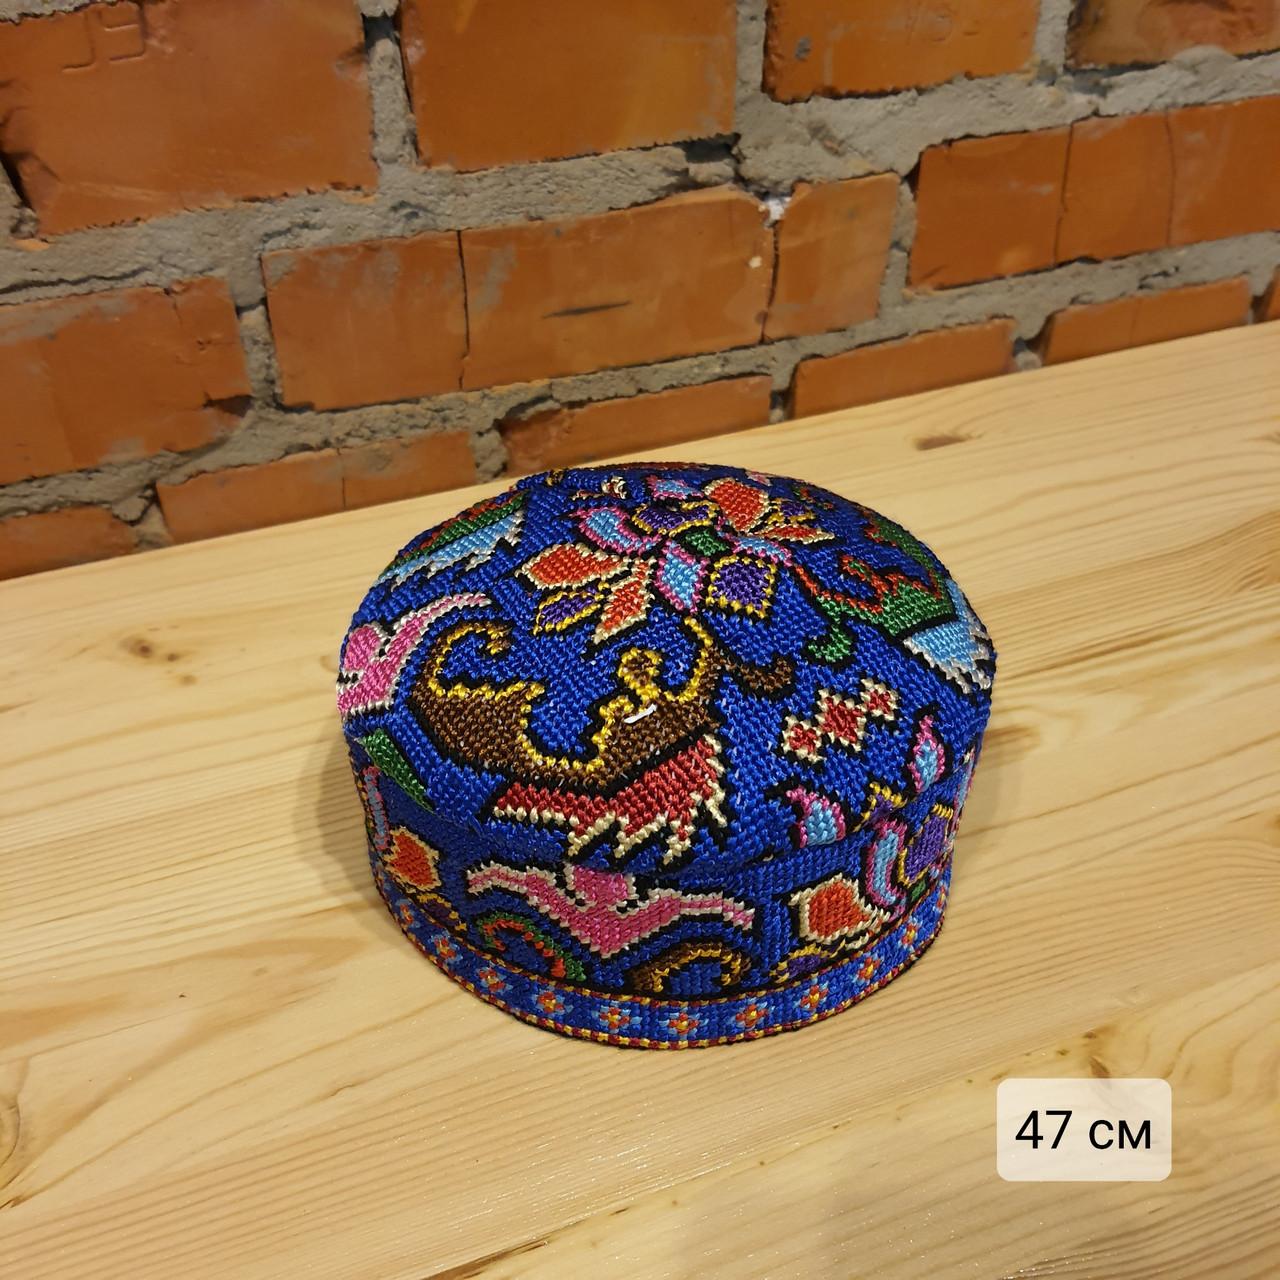 Узбекская тюбетейка 47 см. Ручная вышивка. Узбекистан (50)